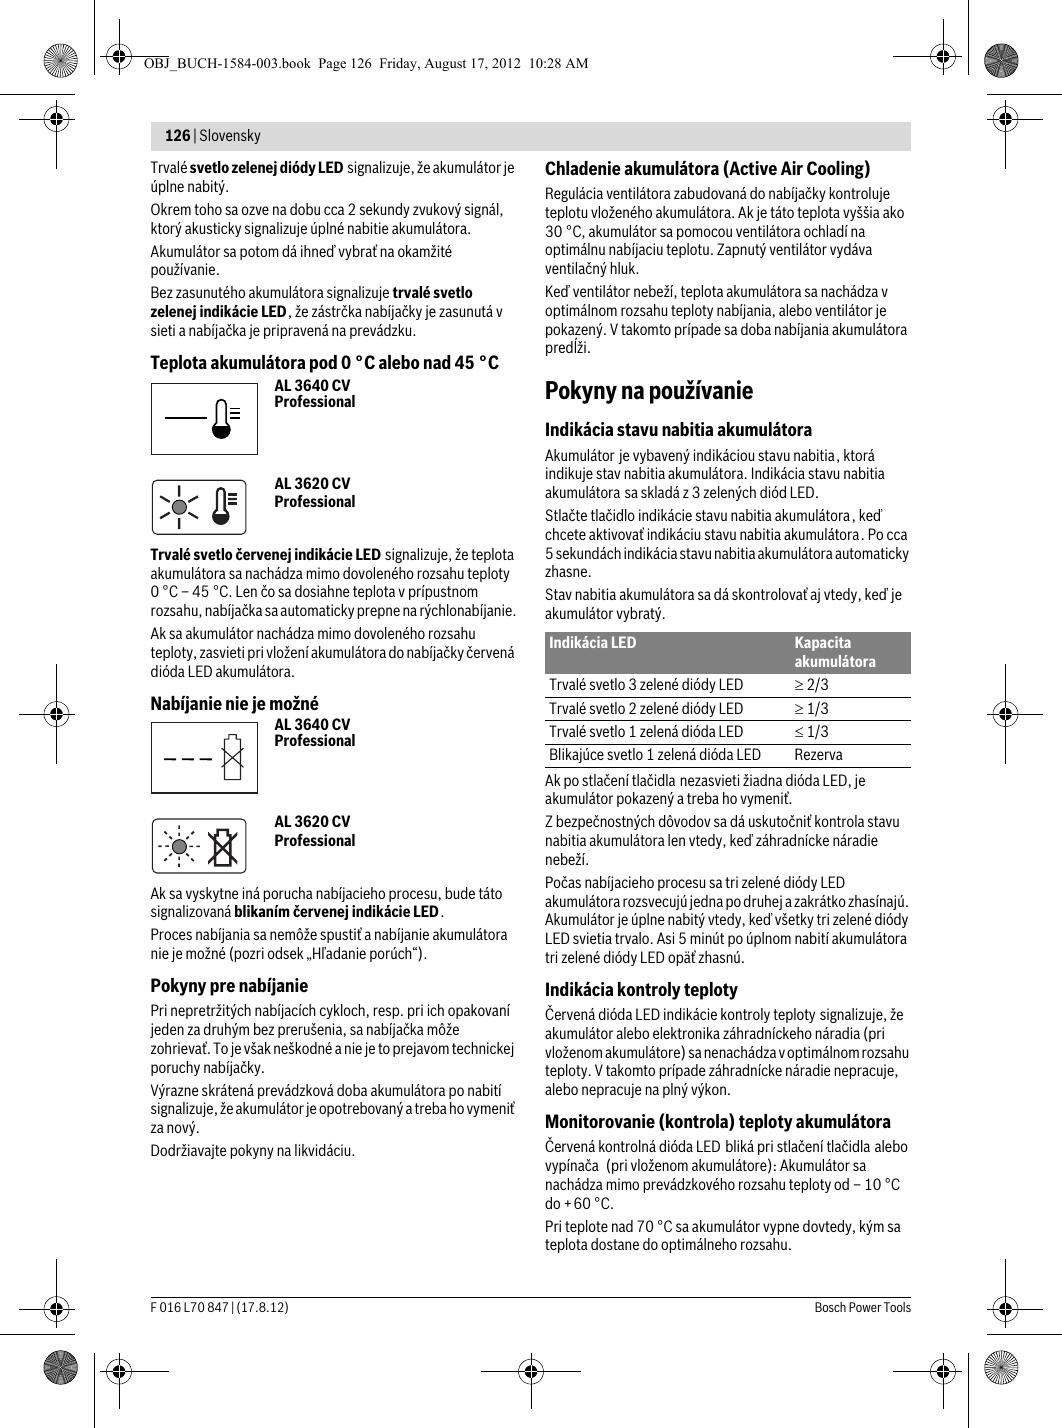 Instruction 2078c39e0c414d5fbe523822e7a98ab8